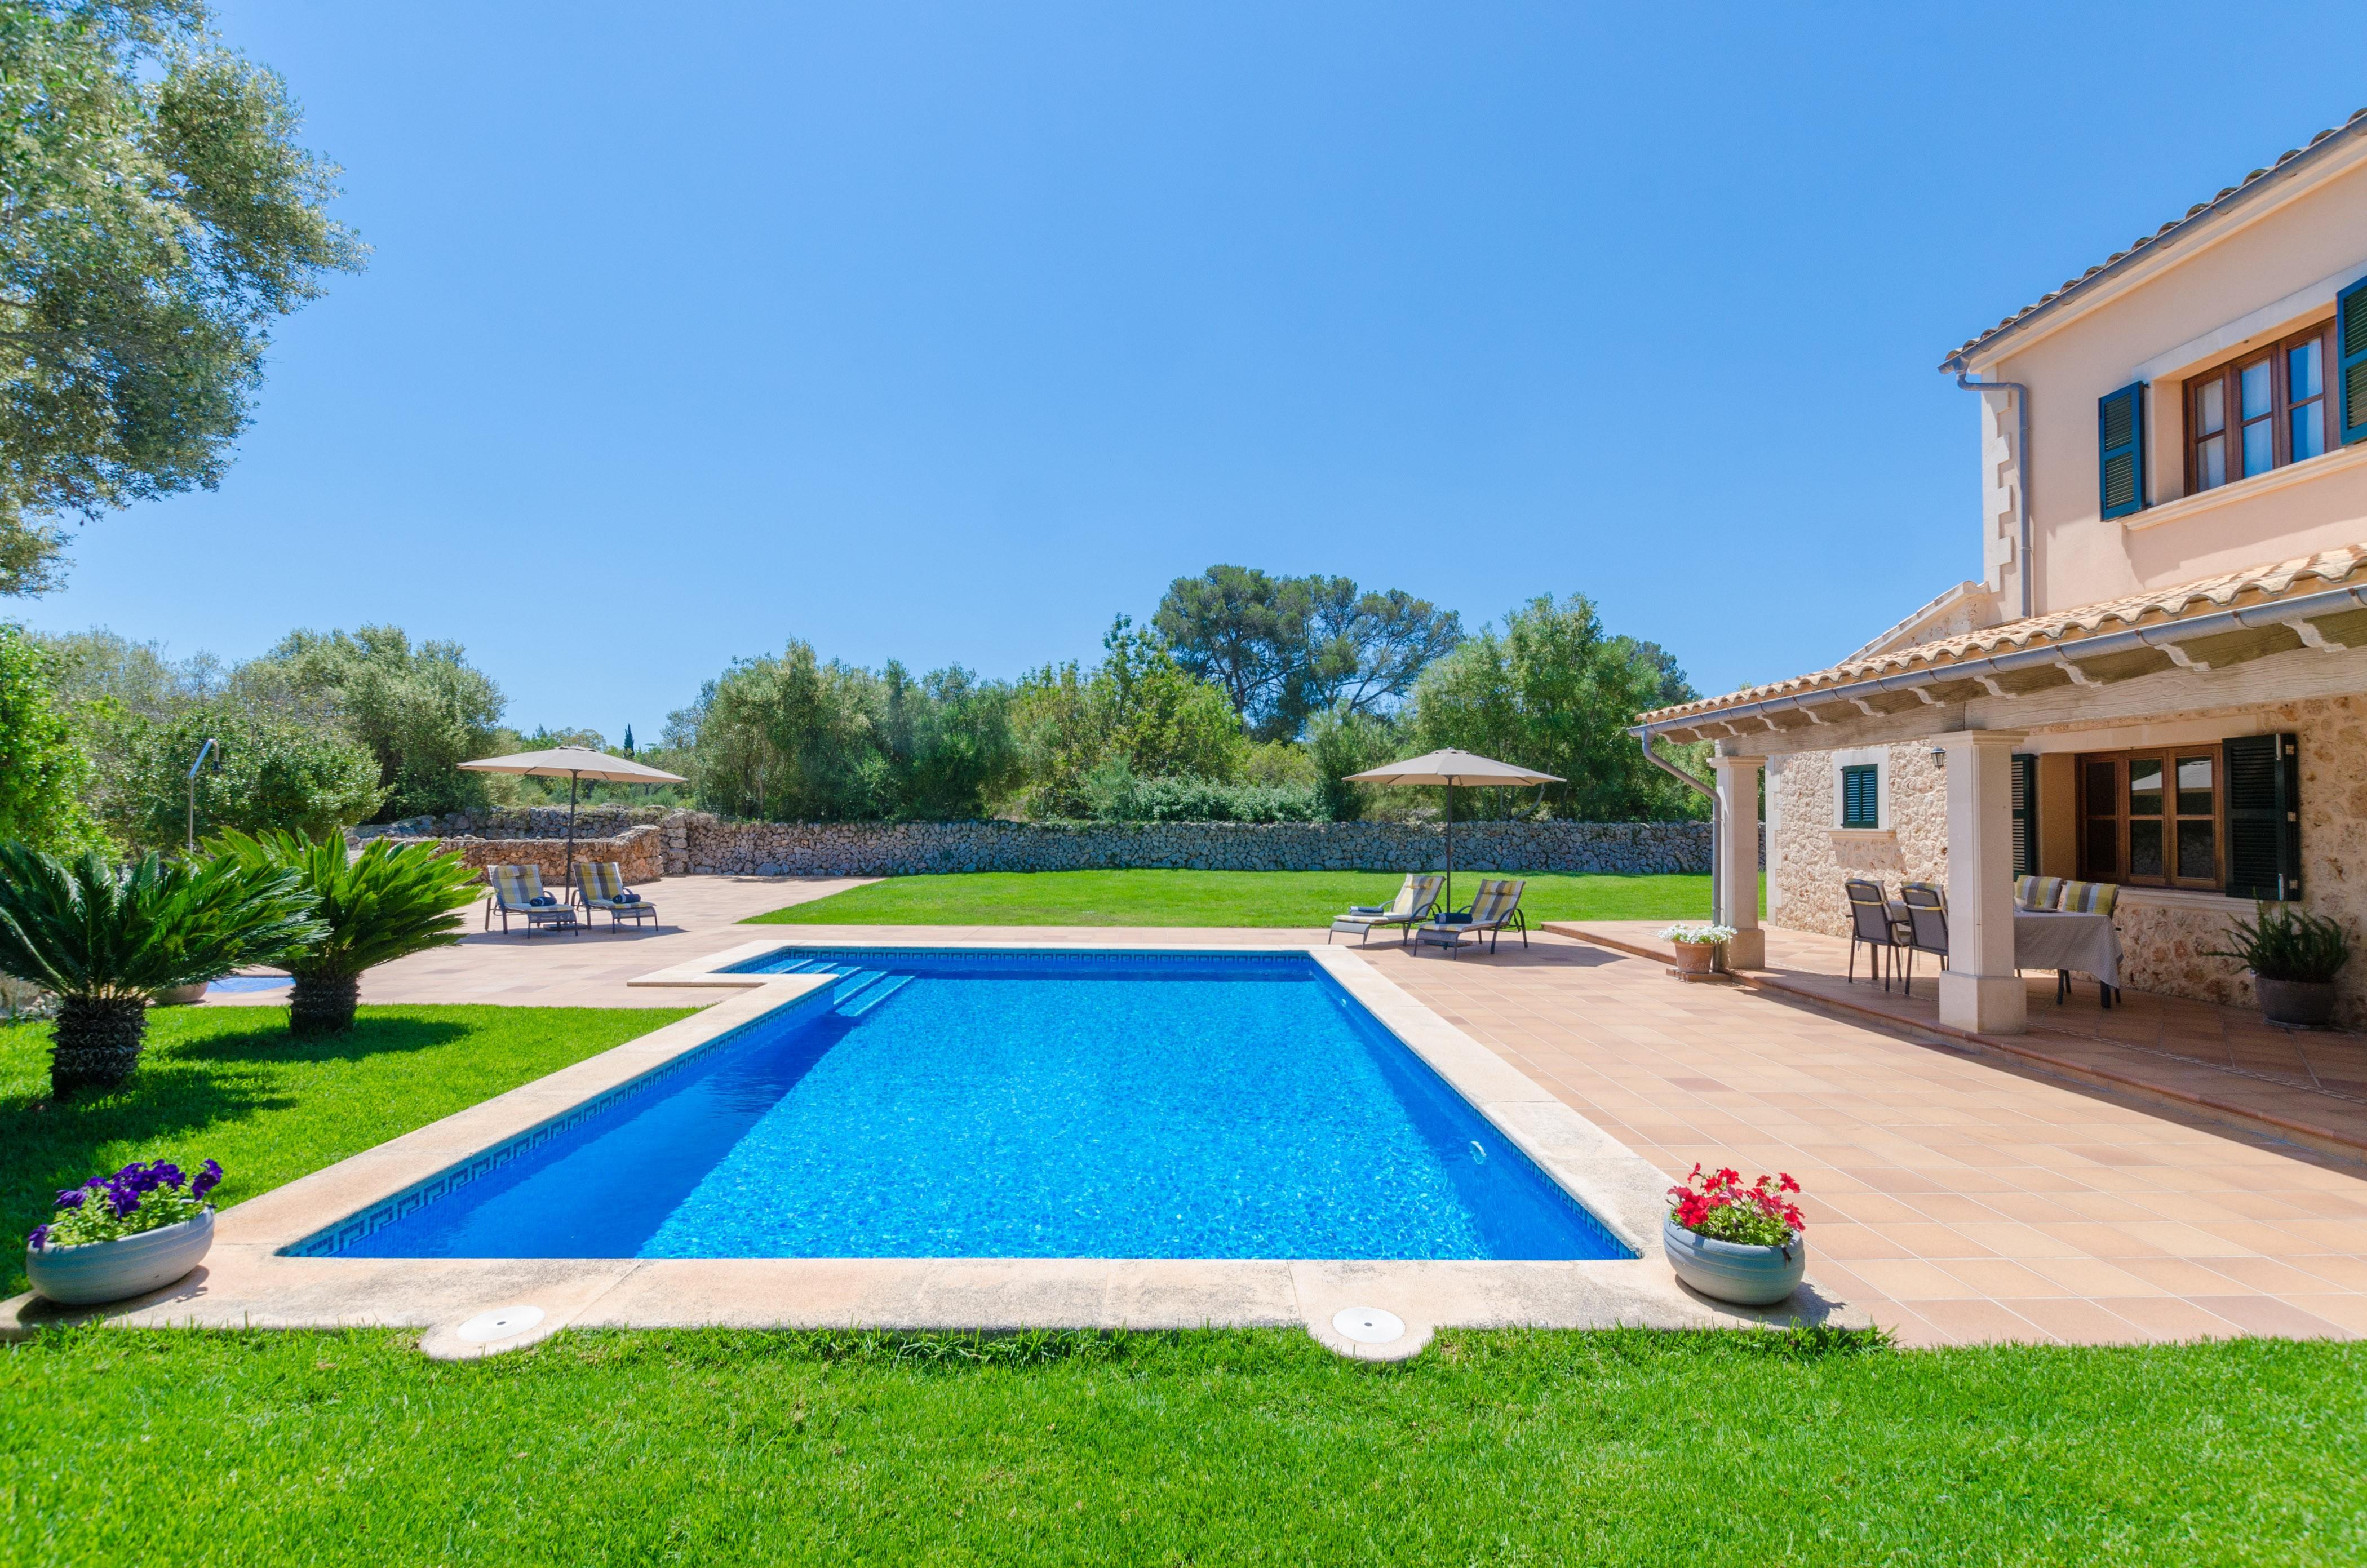 Maison de vacances ES VEDAT (2632993), Lloret de Vistalegre, Majorque, Iles Baléares, Espagne, image 6